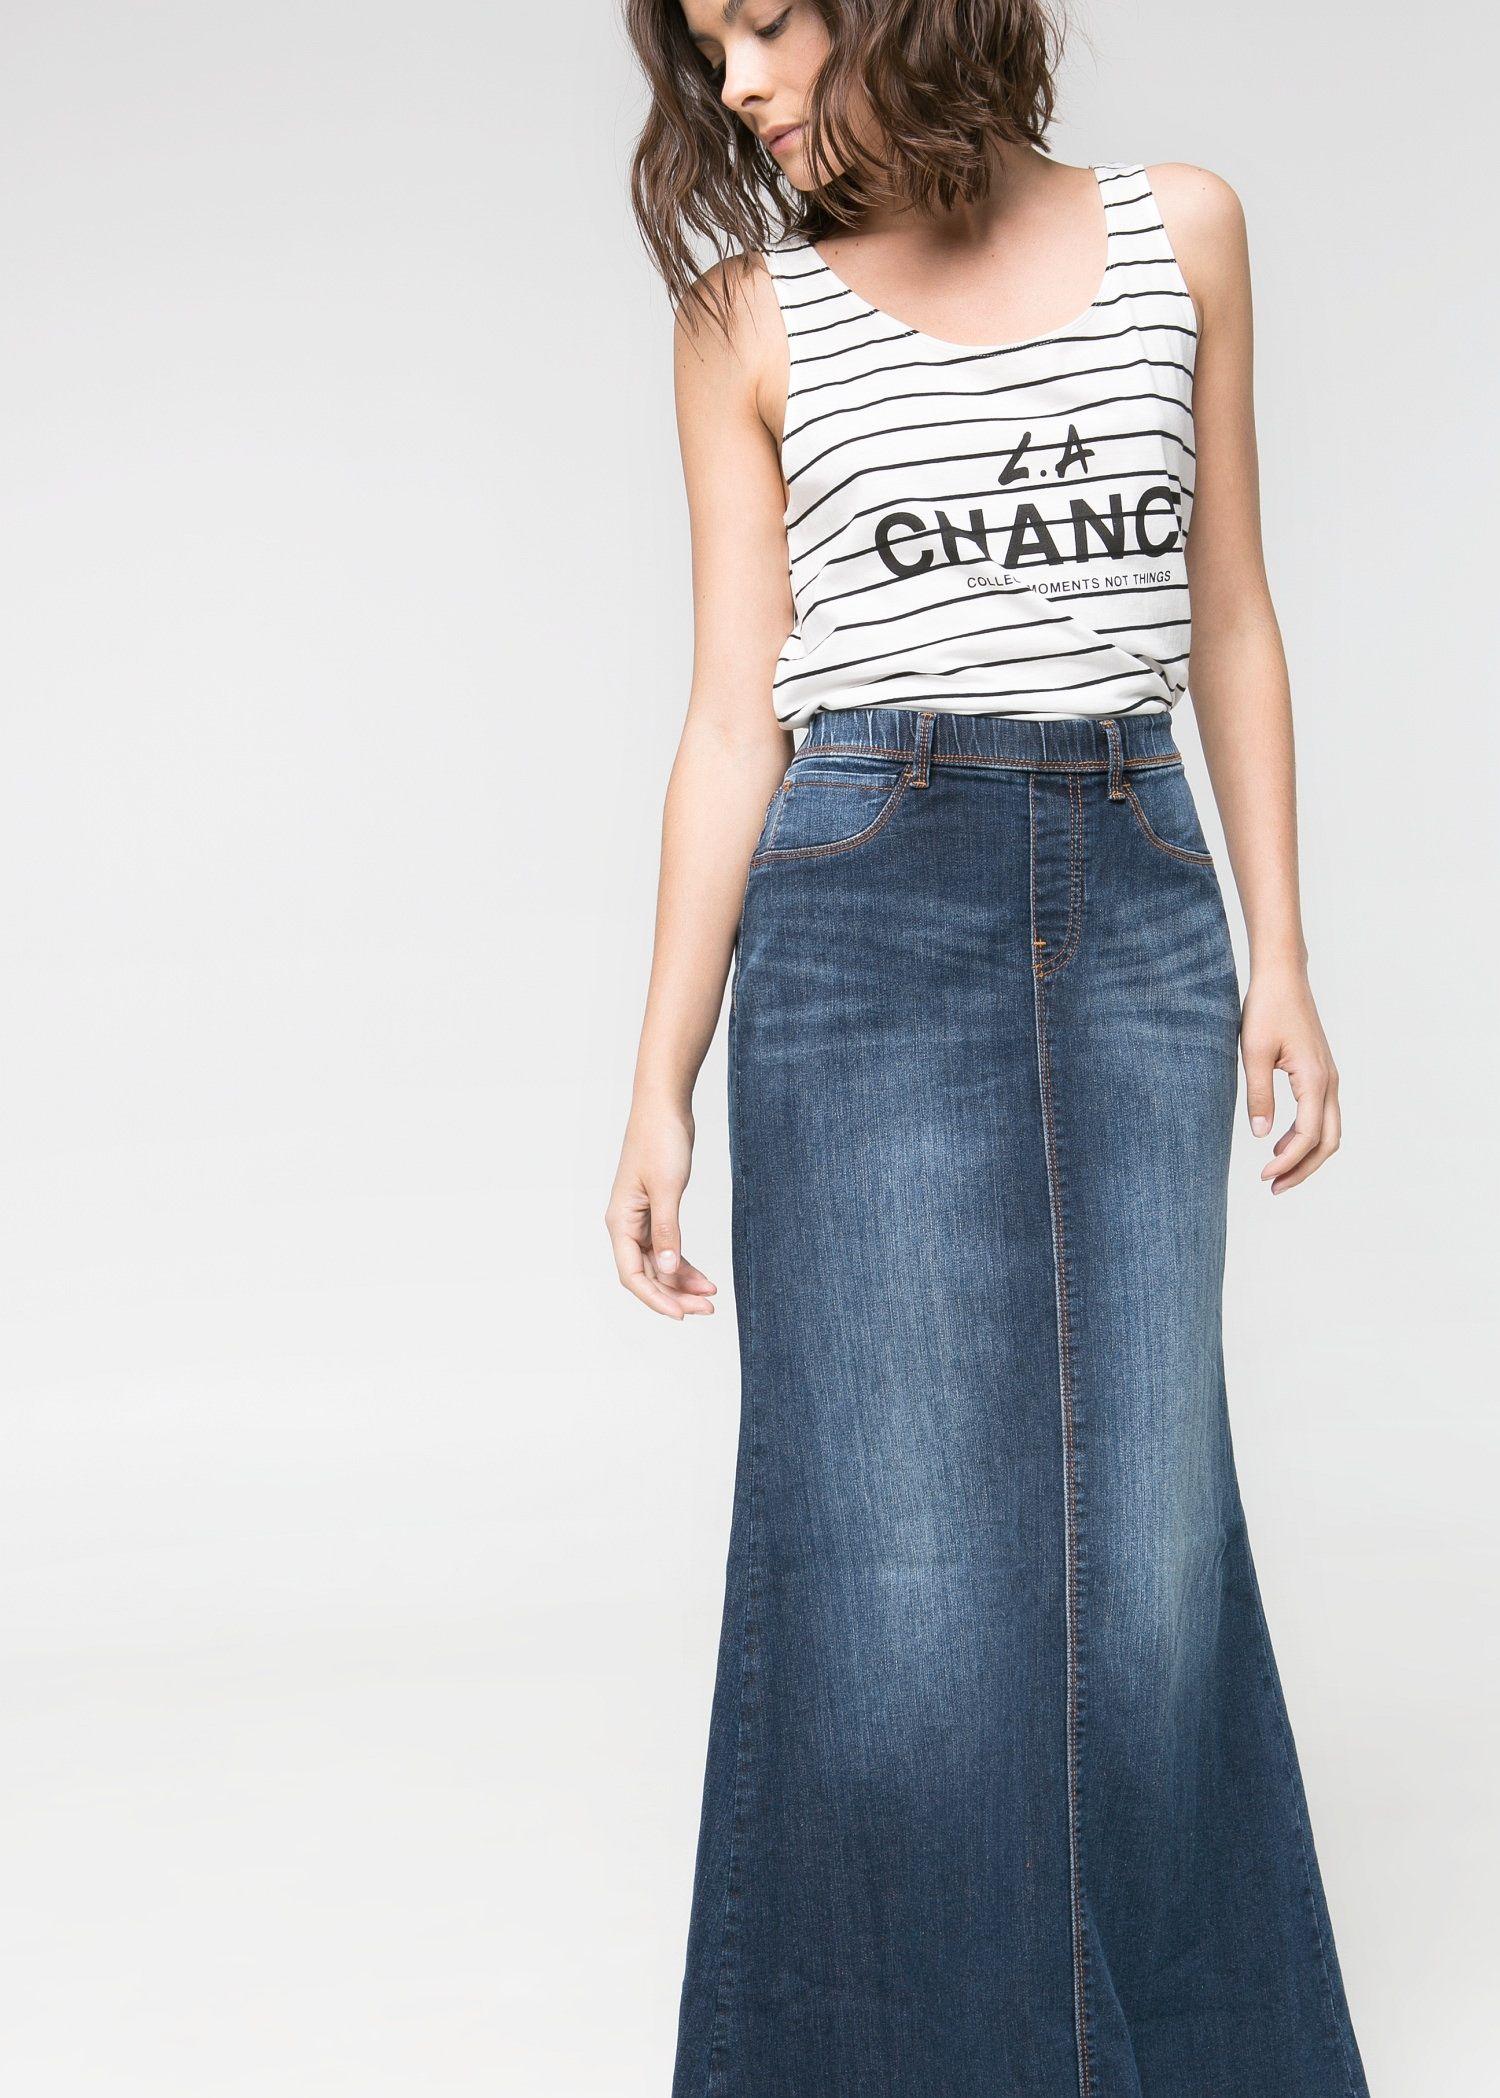 Falda Larga Denim Mujer Denim Skirt Fashion Photo And